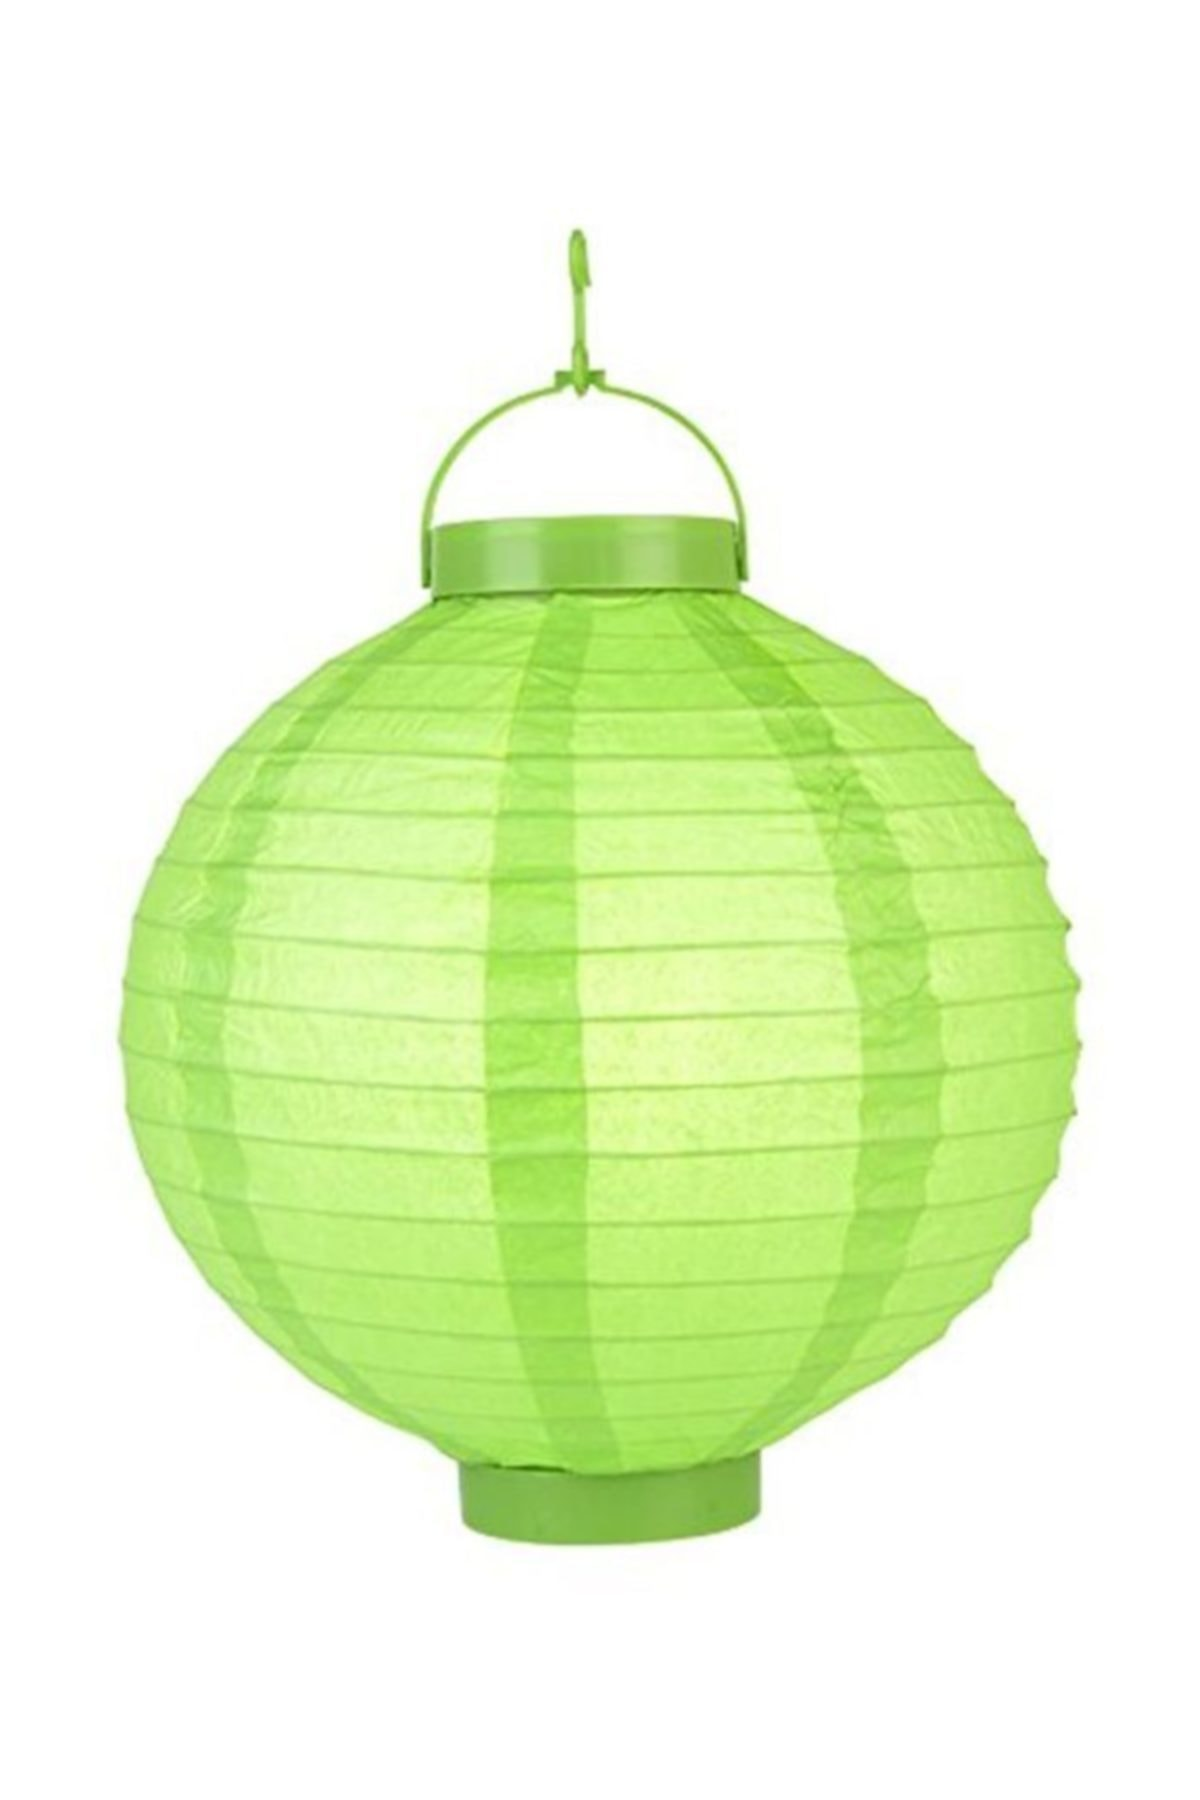 20 Cm Led Işıklı Kağıt Japon Feneri Yeşil Renk